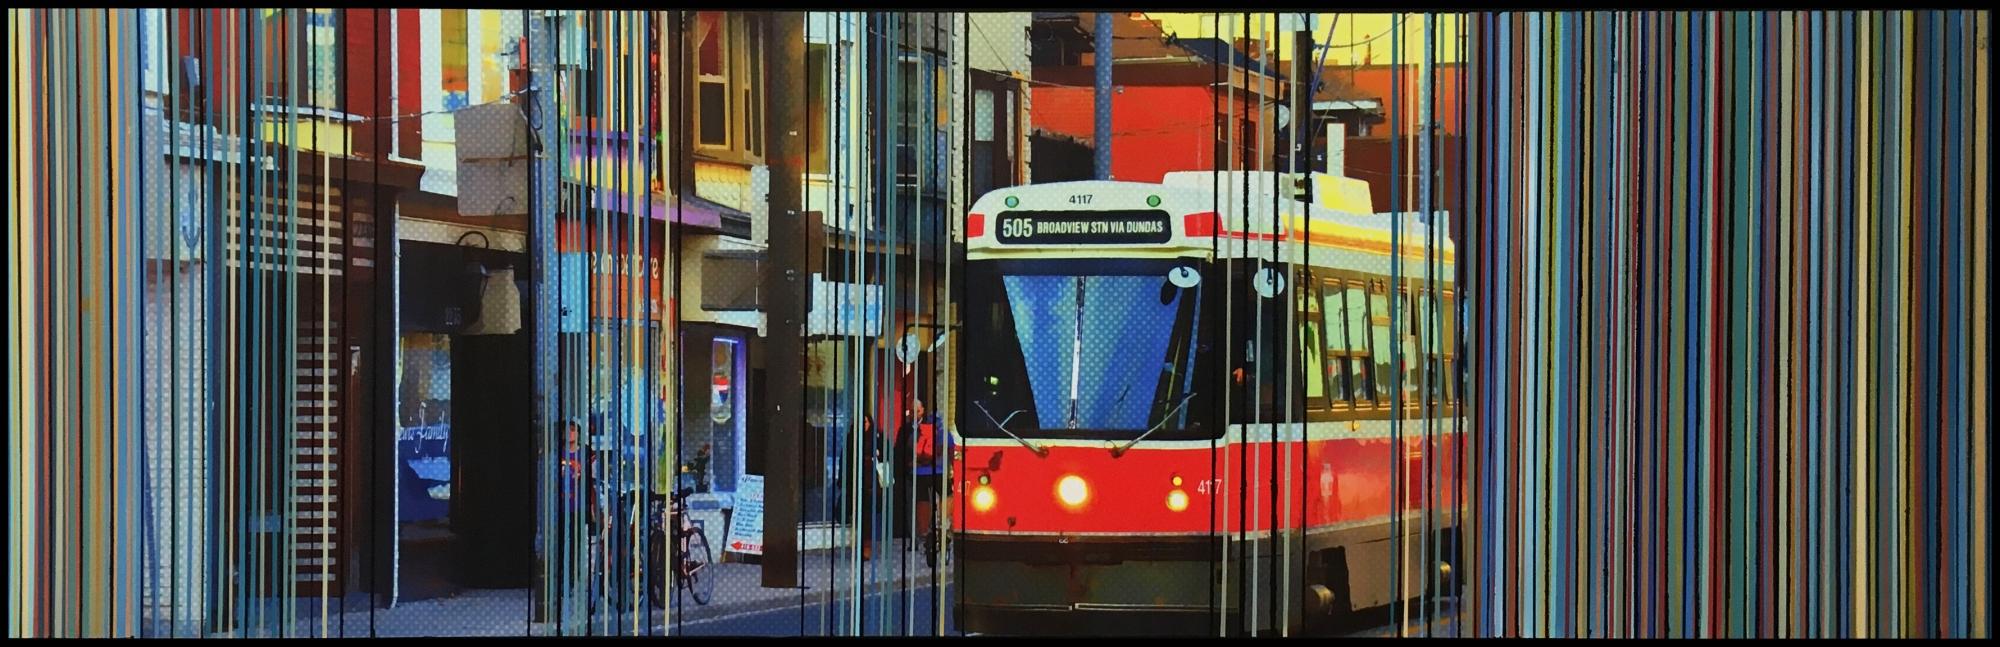 My City: 54 by Jamie MacRae